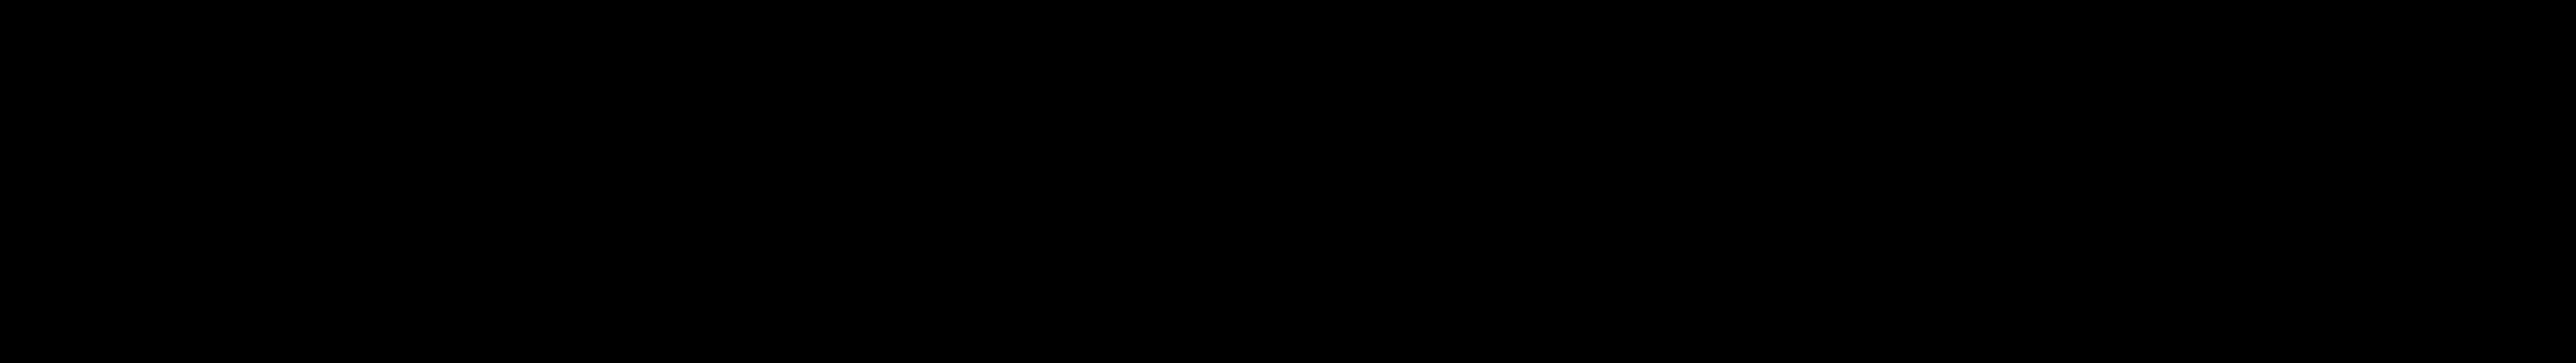 Logo Östermalm Premium - Do - Stay - Eat & Drink - @ostermalm - ostermalm.com